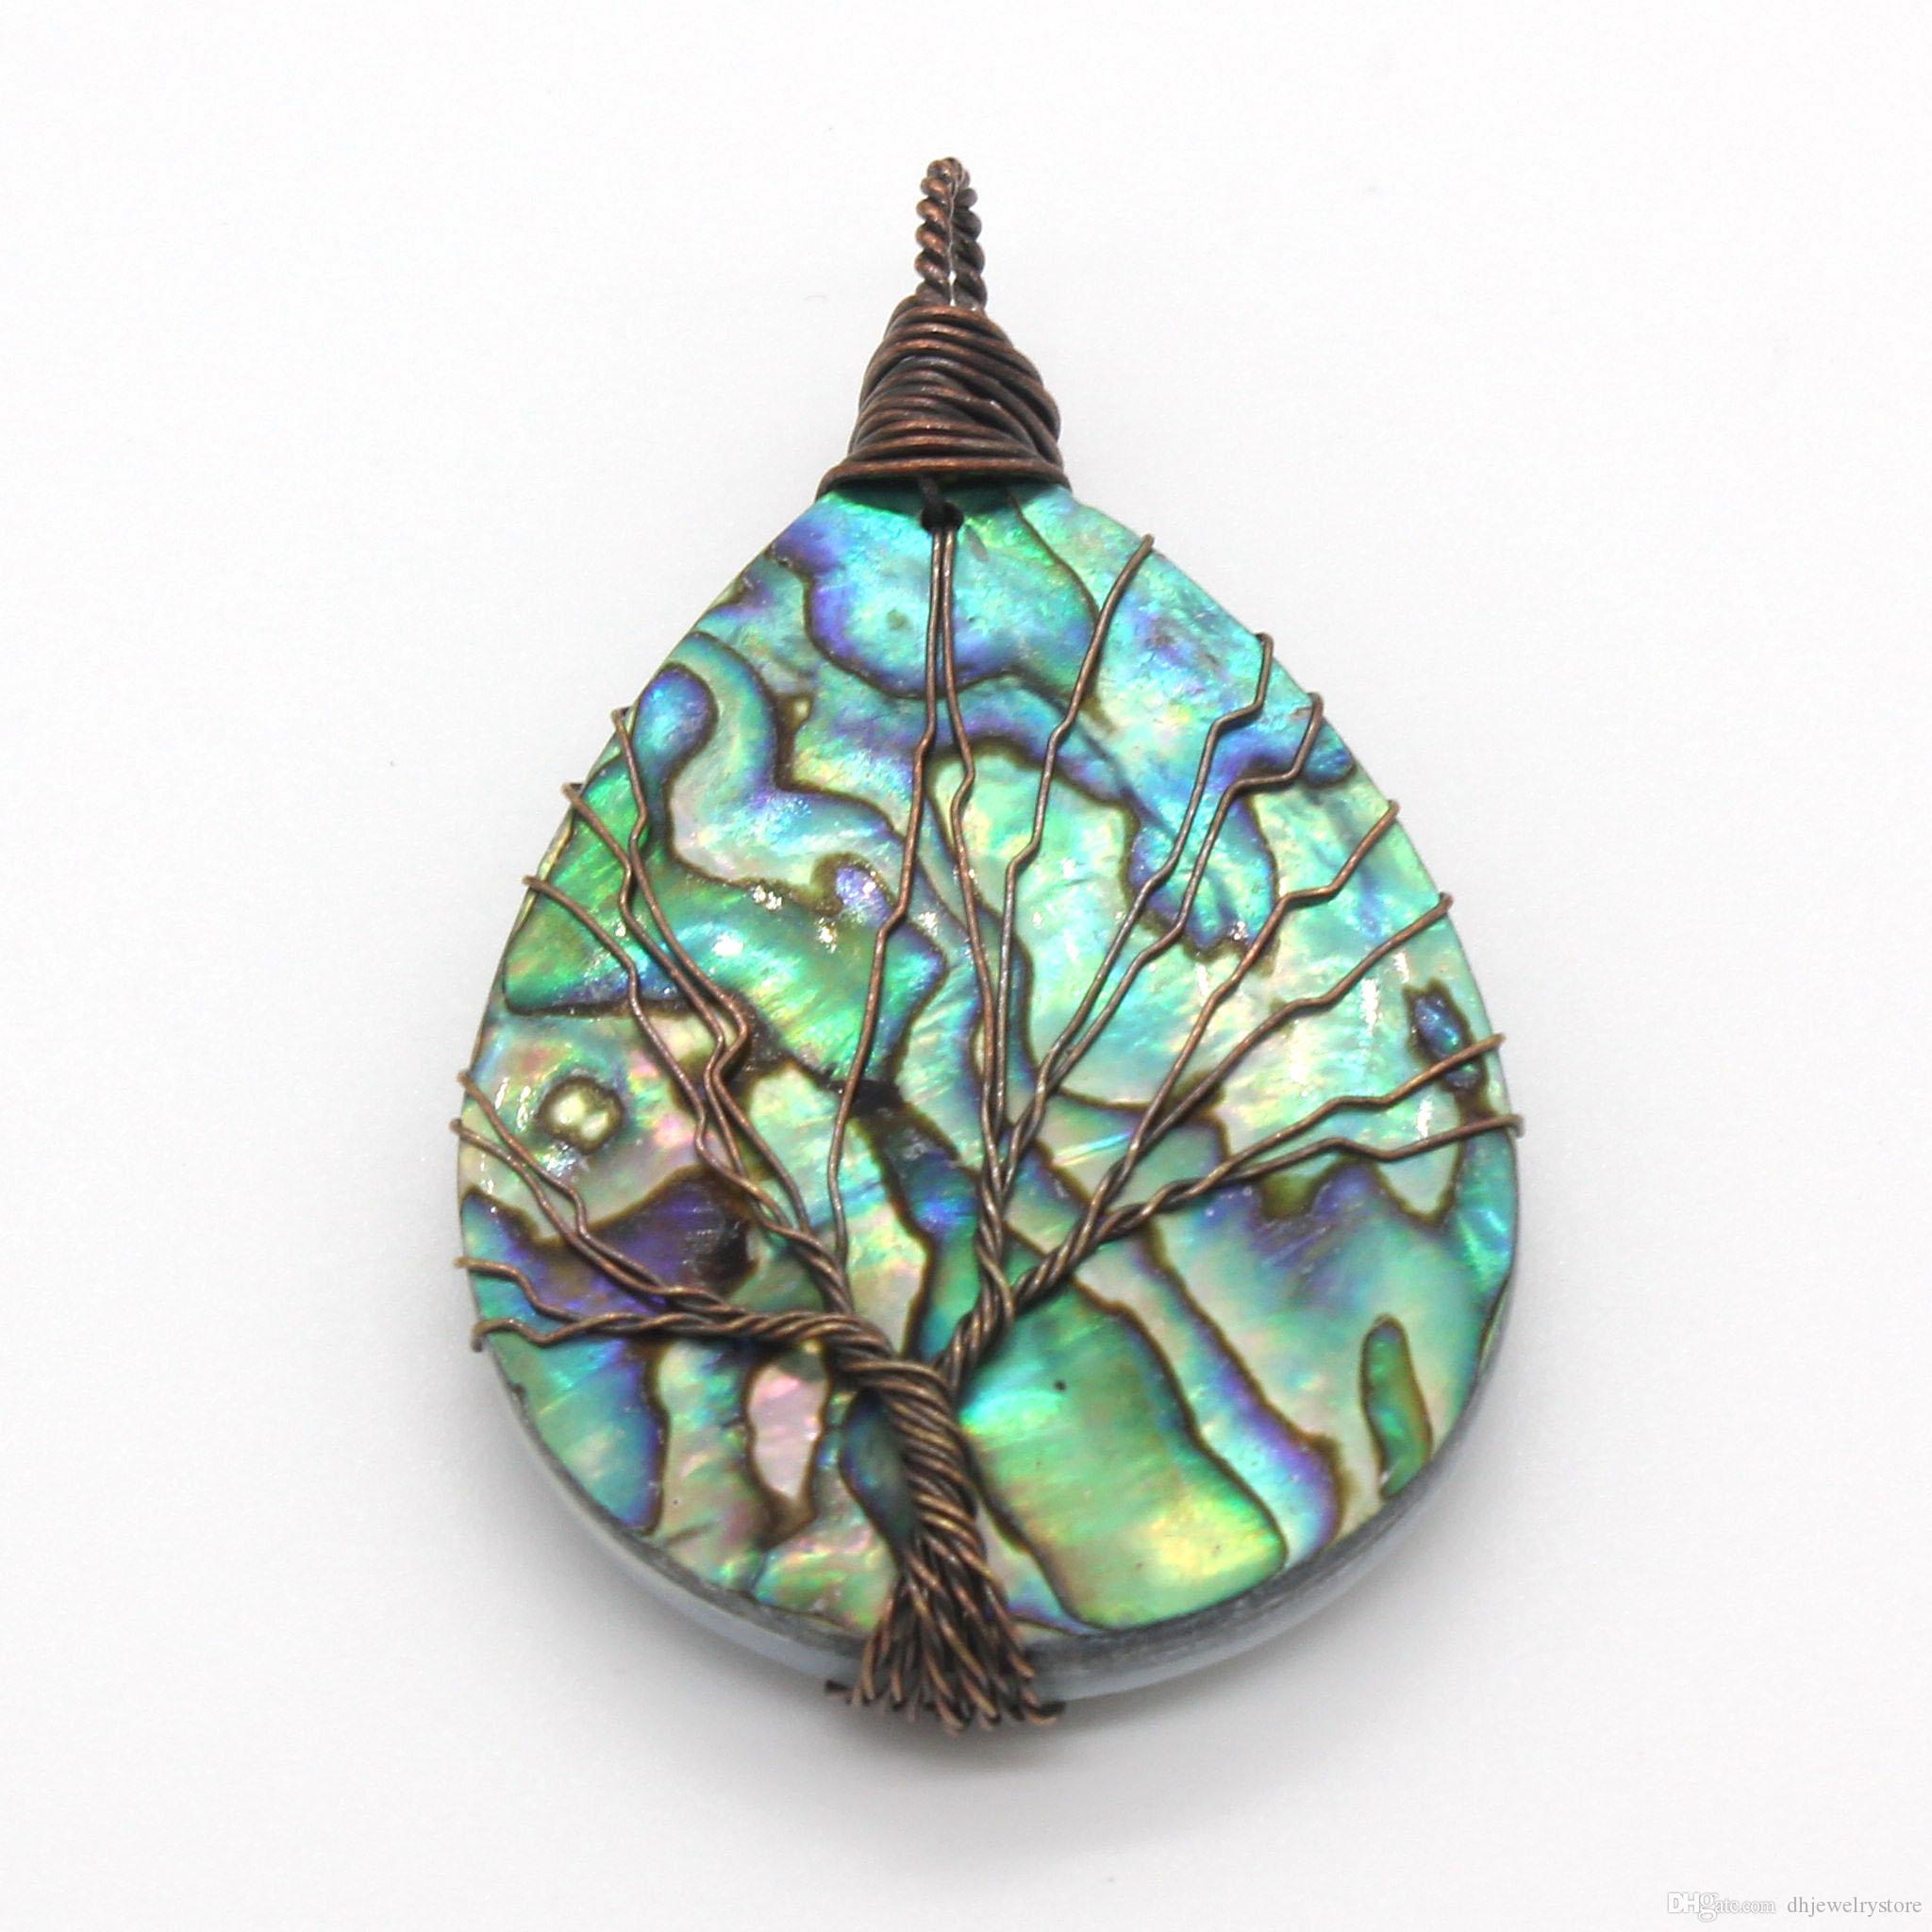 Commercio all'ingrosso 10 pezzi popolare filo di rame avvolgere goccia d'acqua naturale abalone shell gioielli moda per regalo